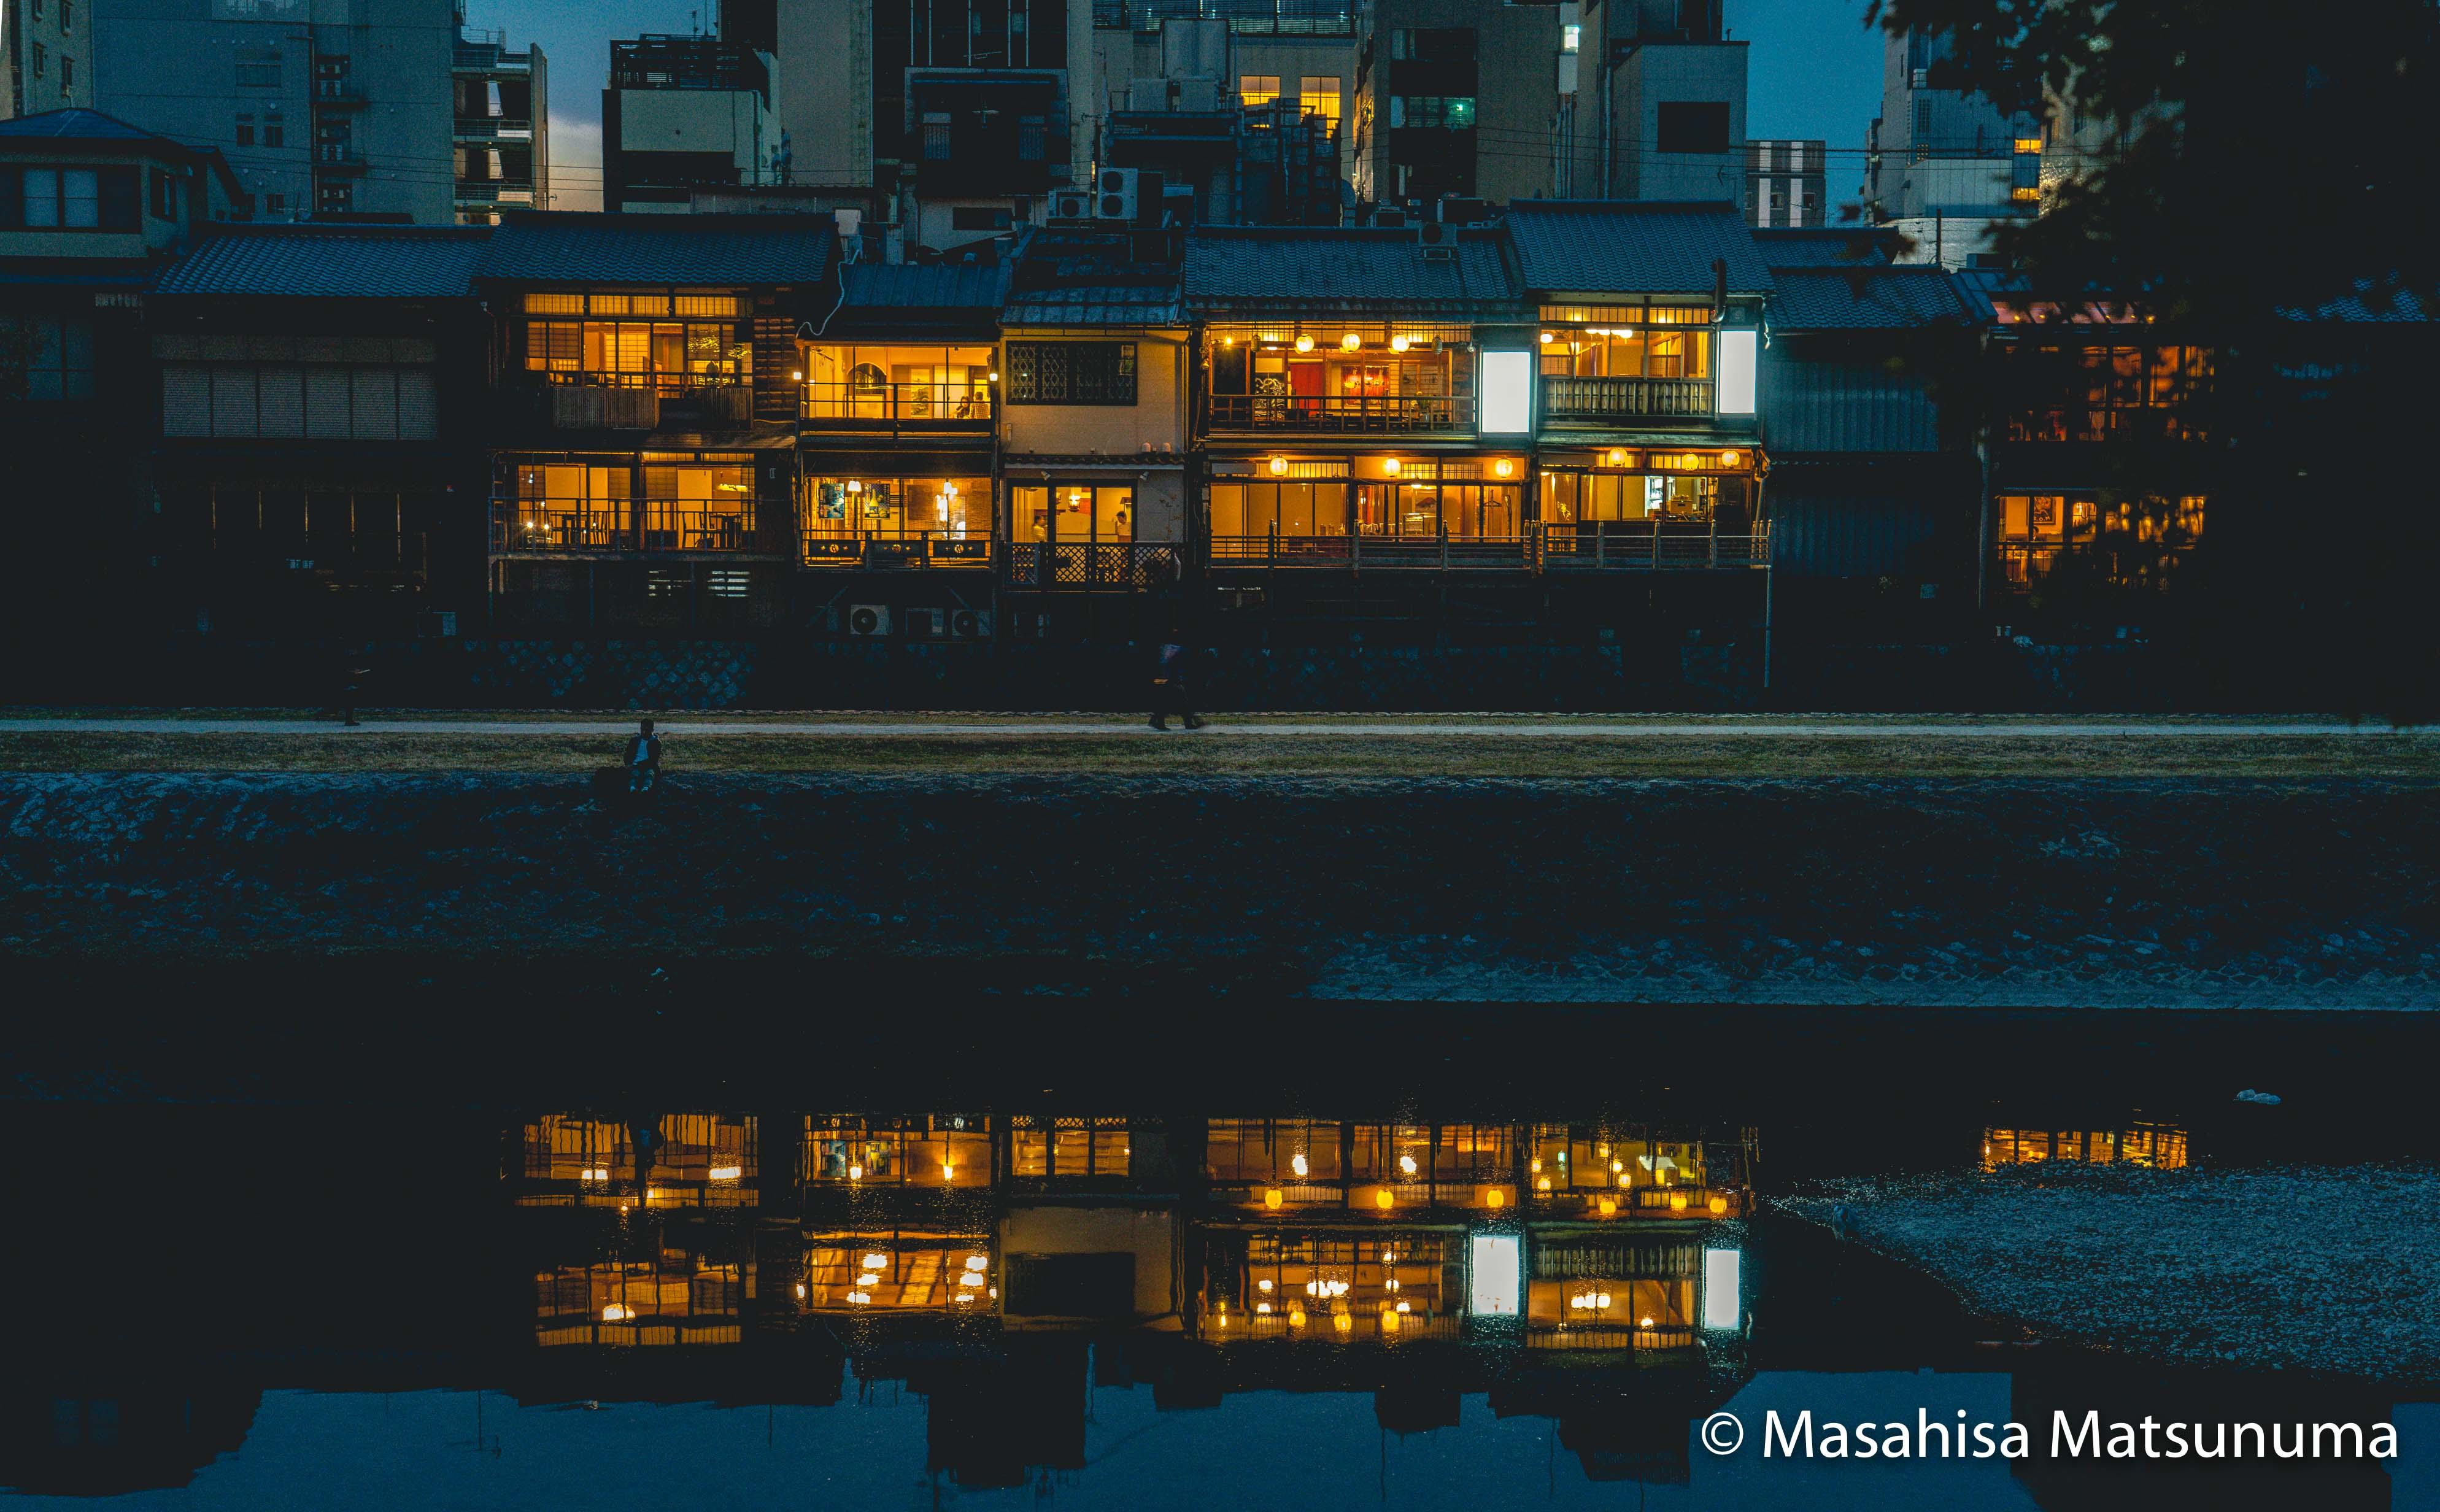 Kamogawa by night